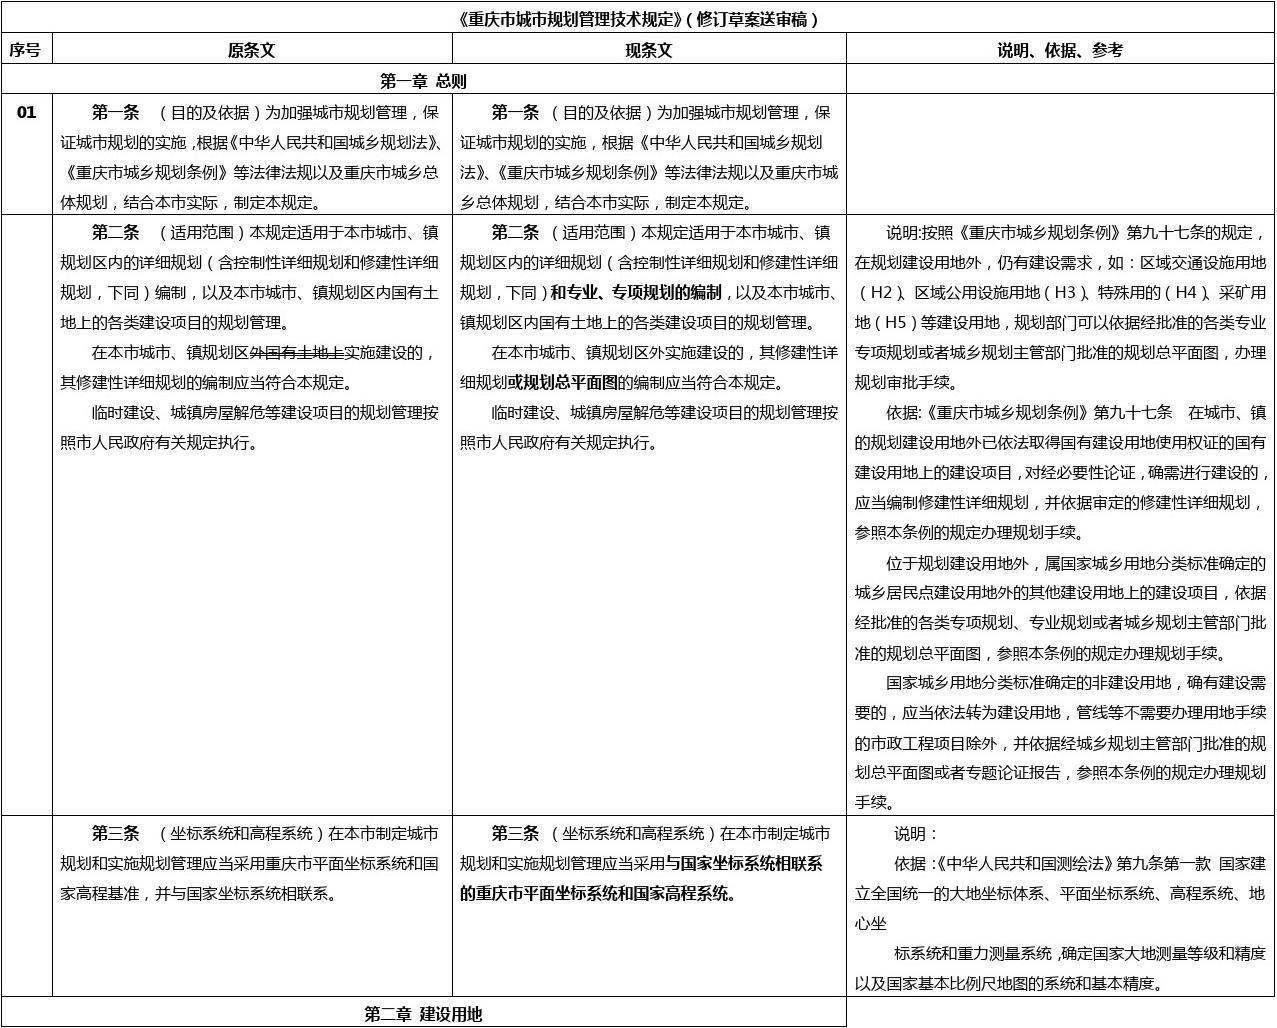 重庆市城市规划管理技术规定修订稿(2012与2017对比版)